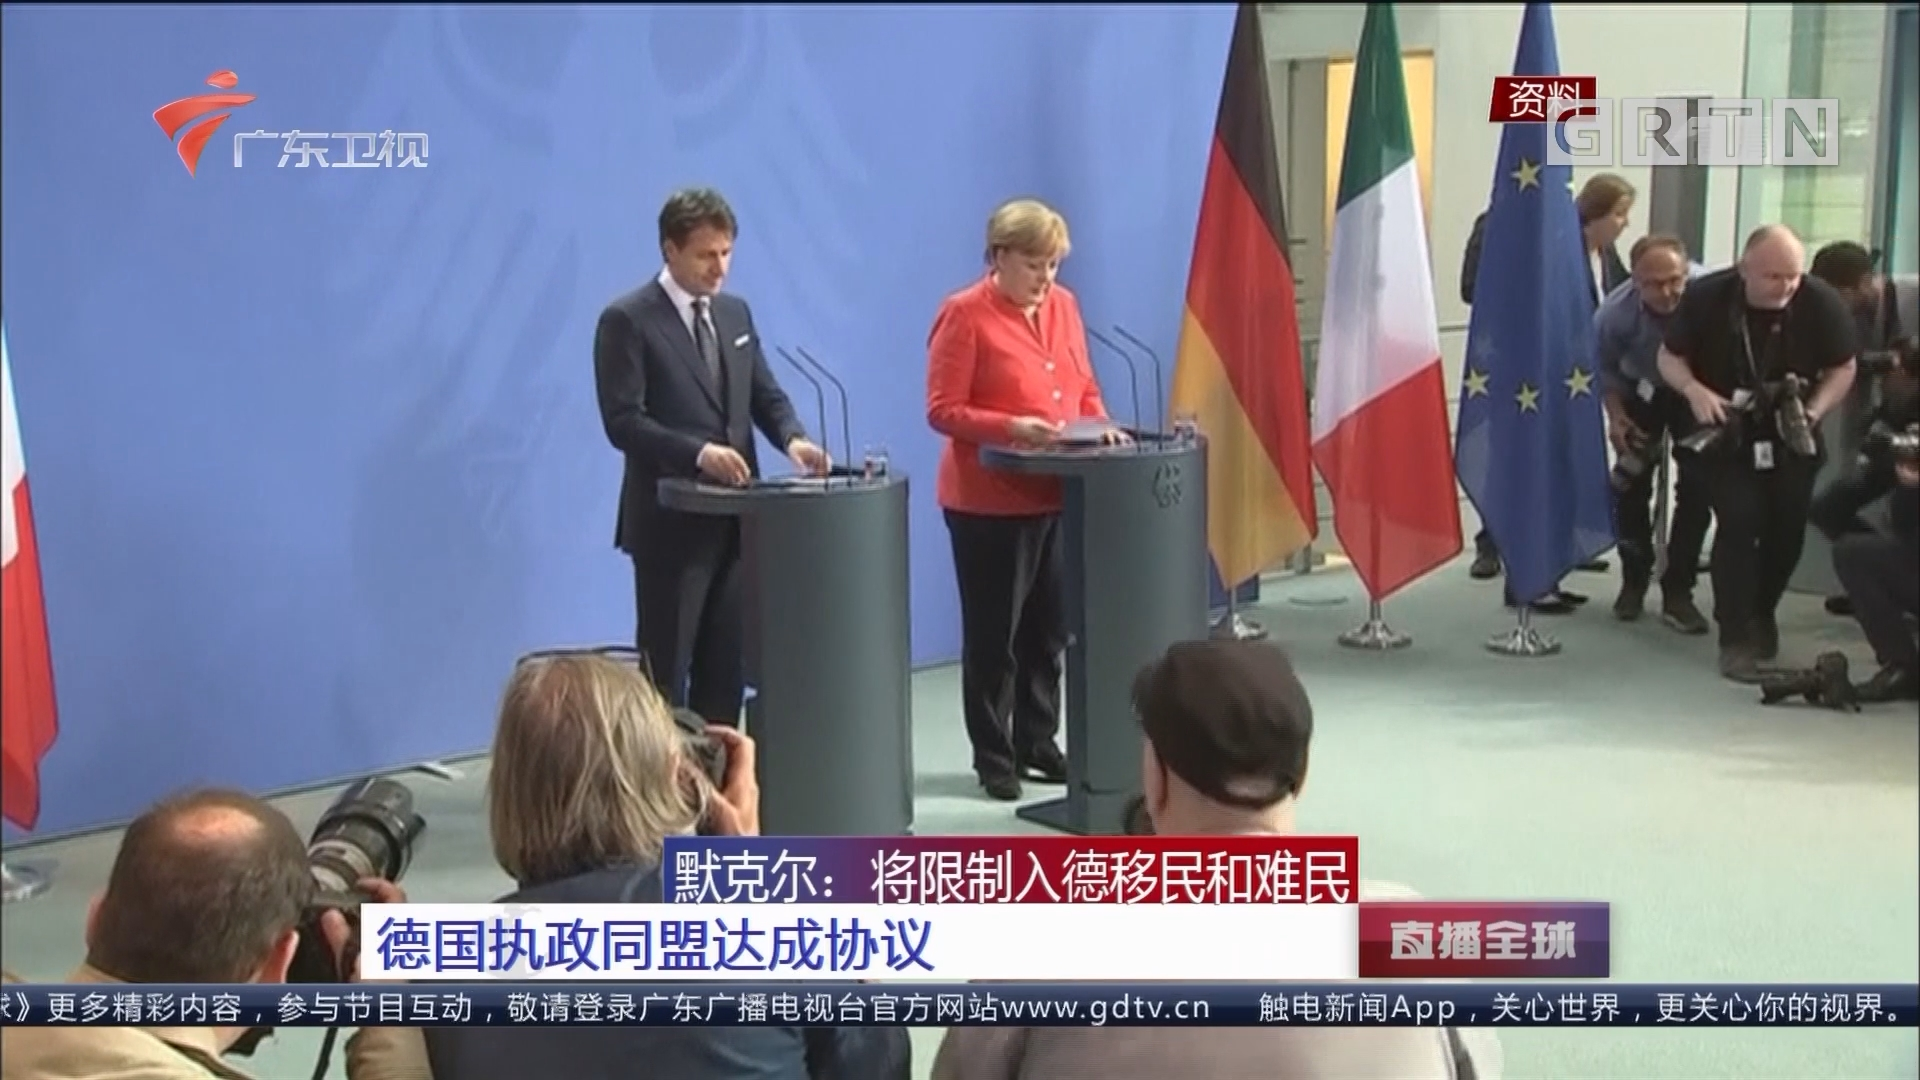 默克尔:将限制入德移民和难民 德国执政同盟达成协议